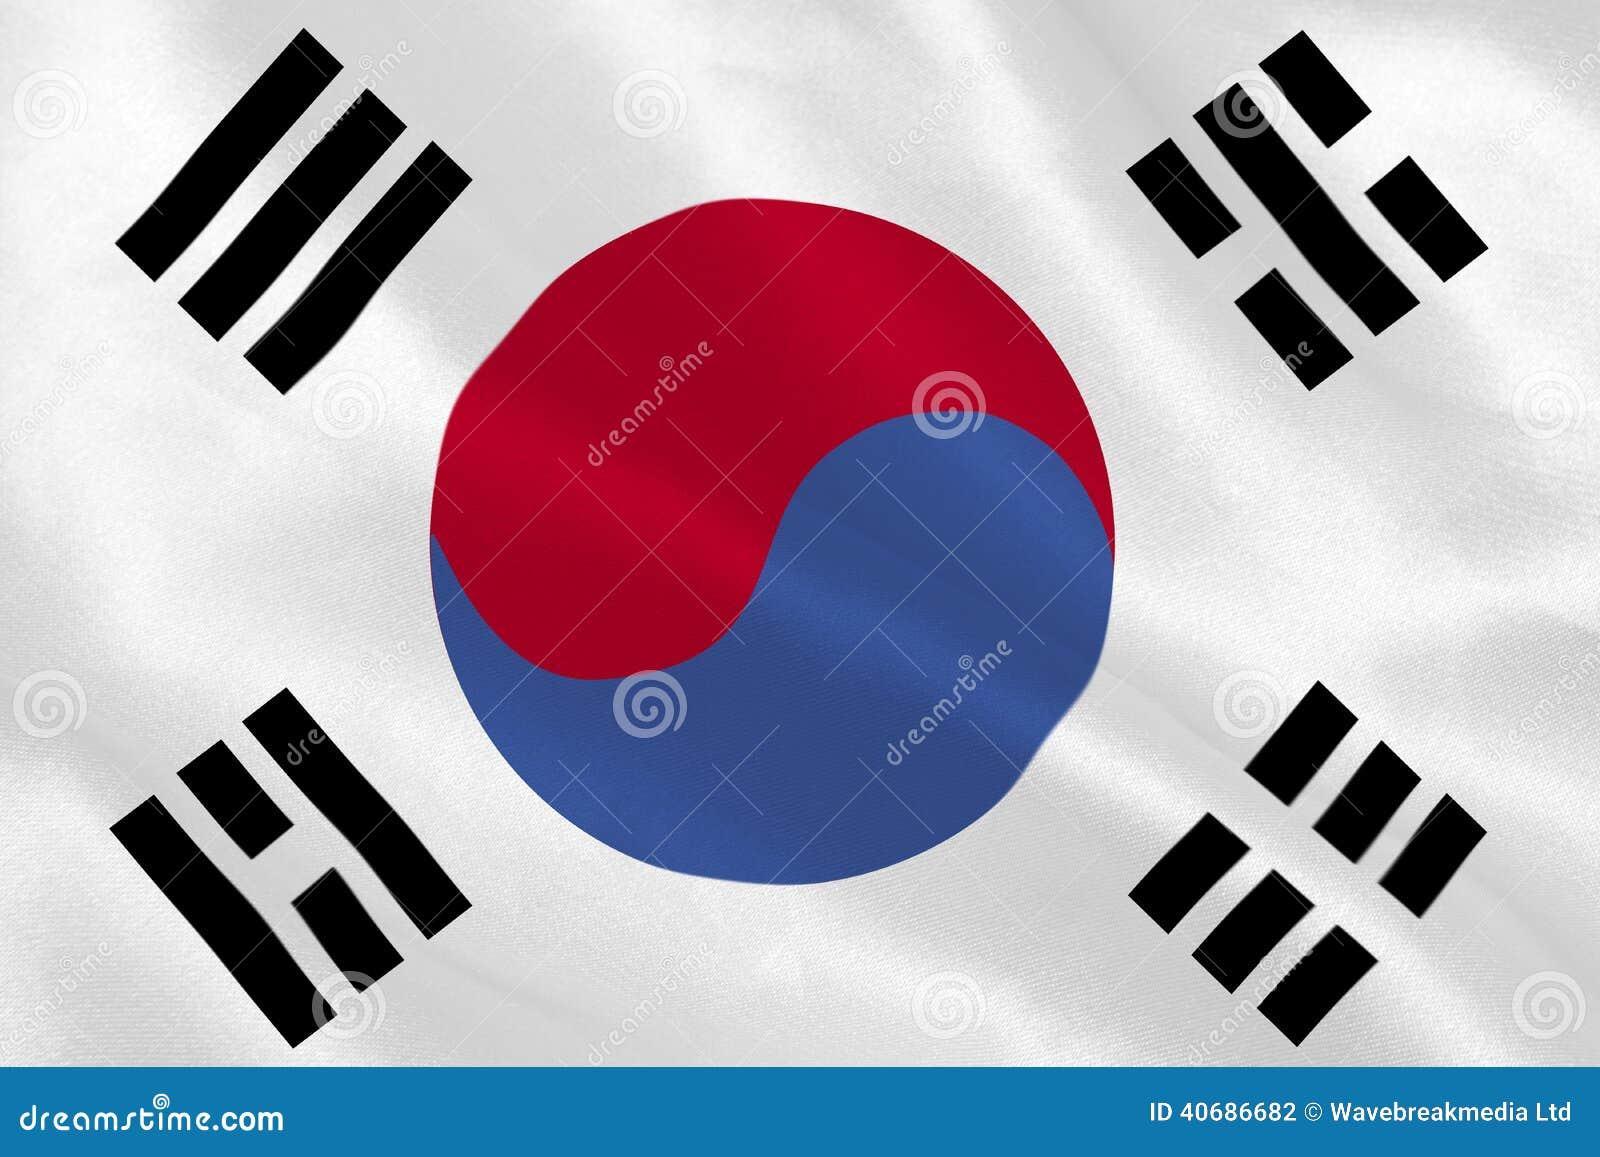 韩国共和国国旗起波纹.图片